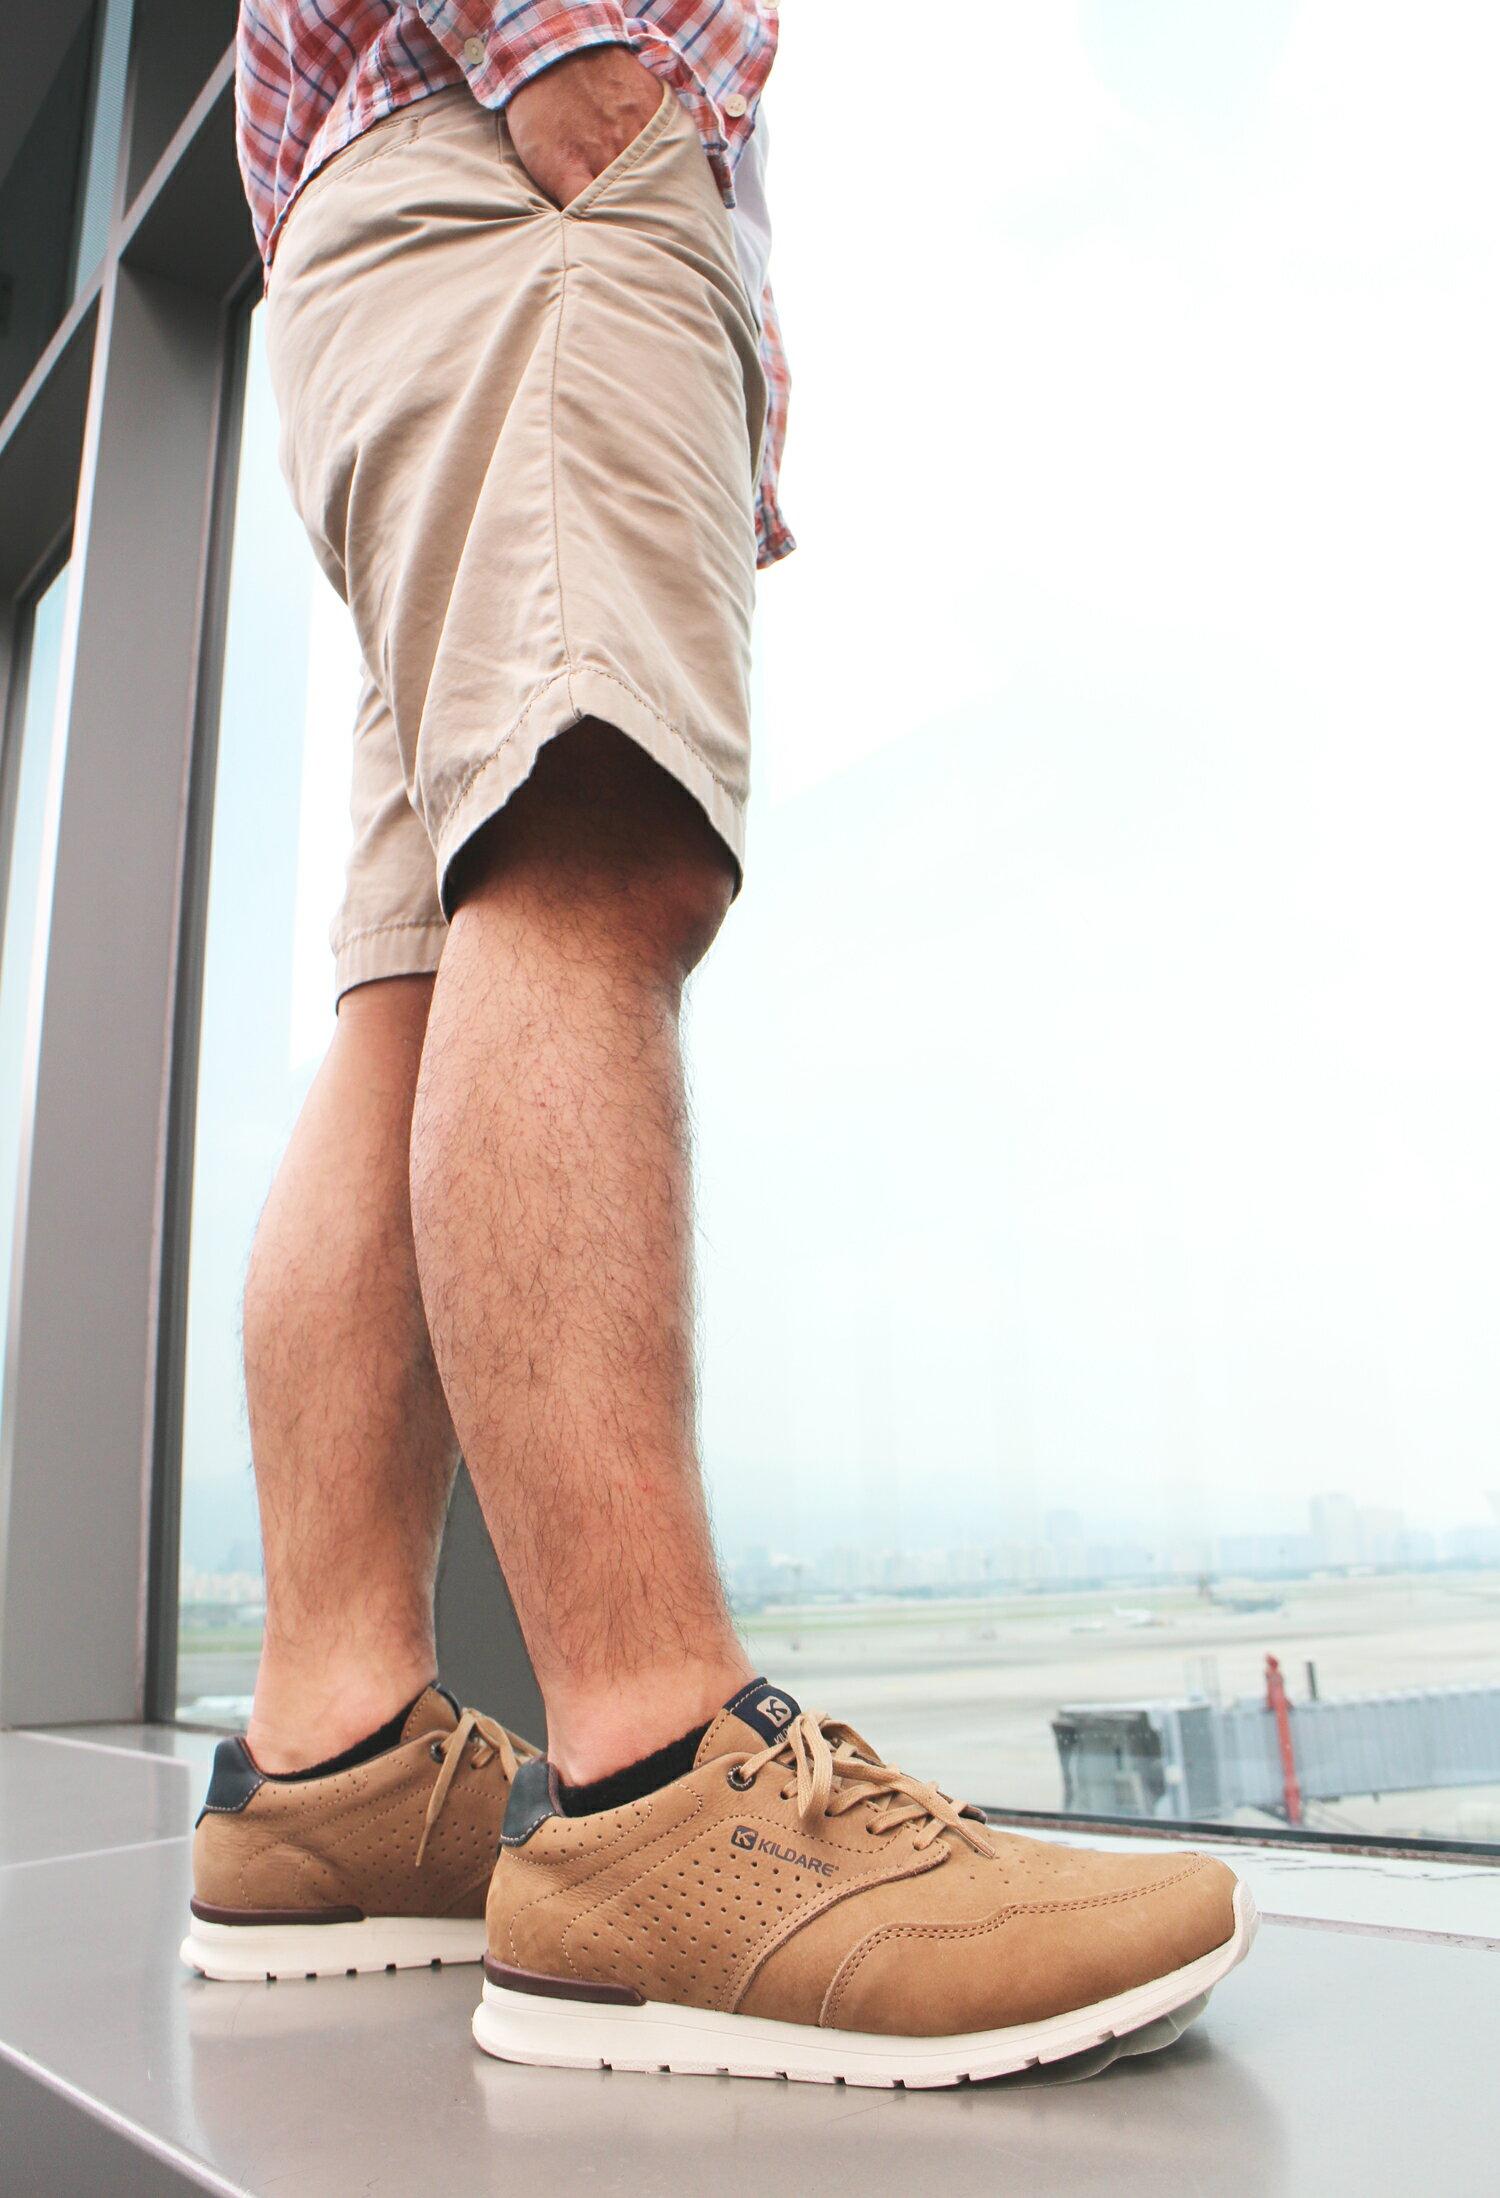 【全店點數15倍送】Kildare 巴西綁帶休閒鞋 淺棕 男 慢跑 6